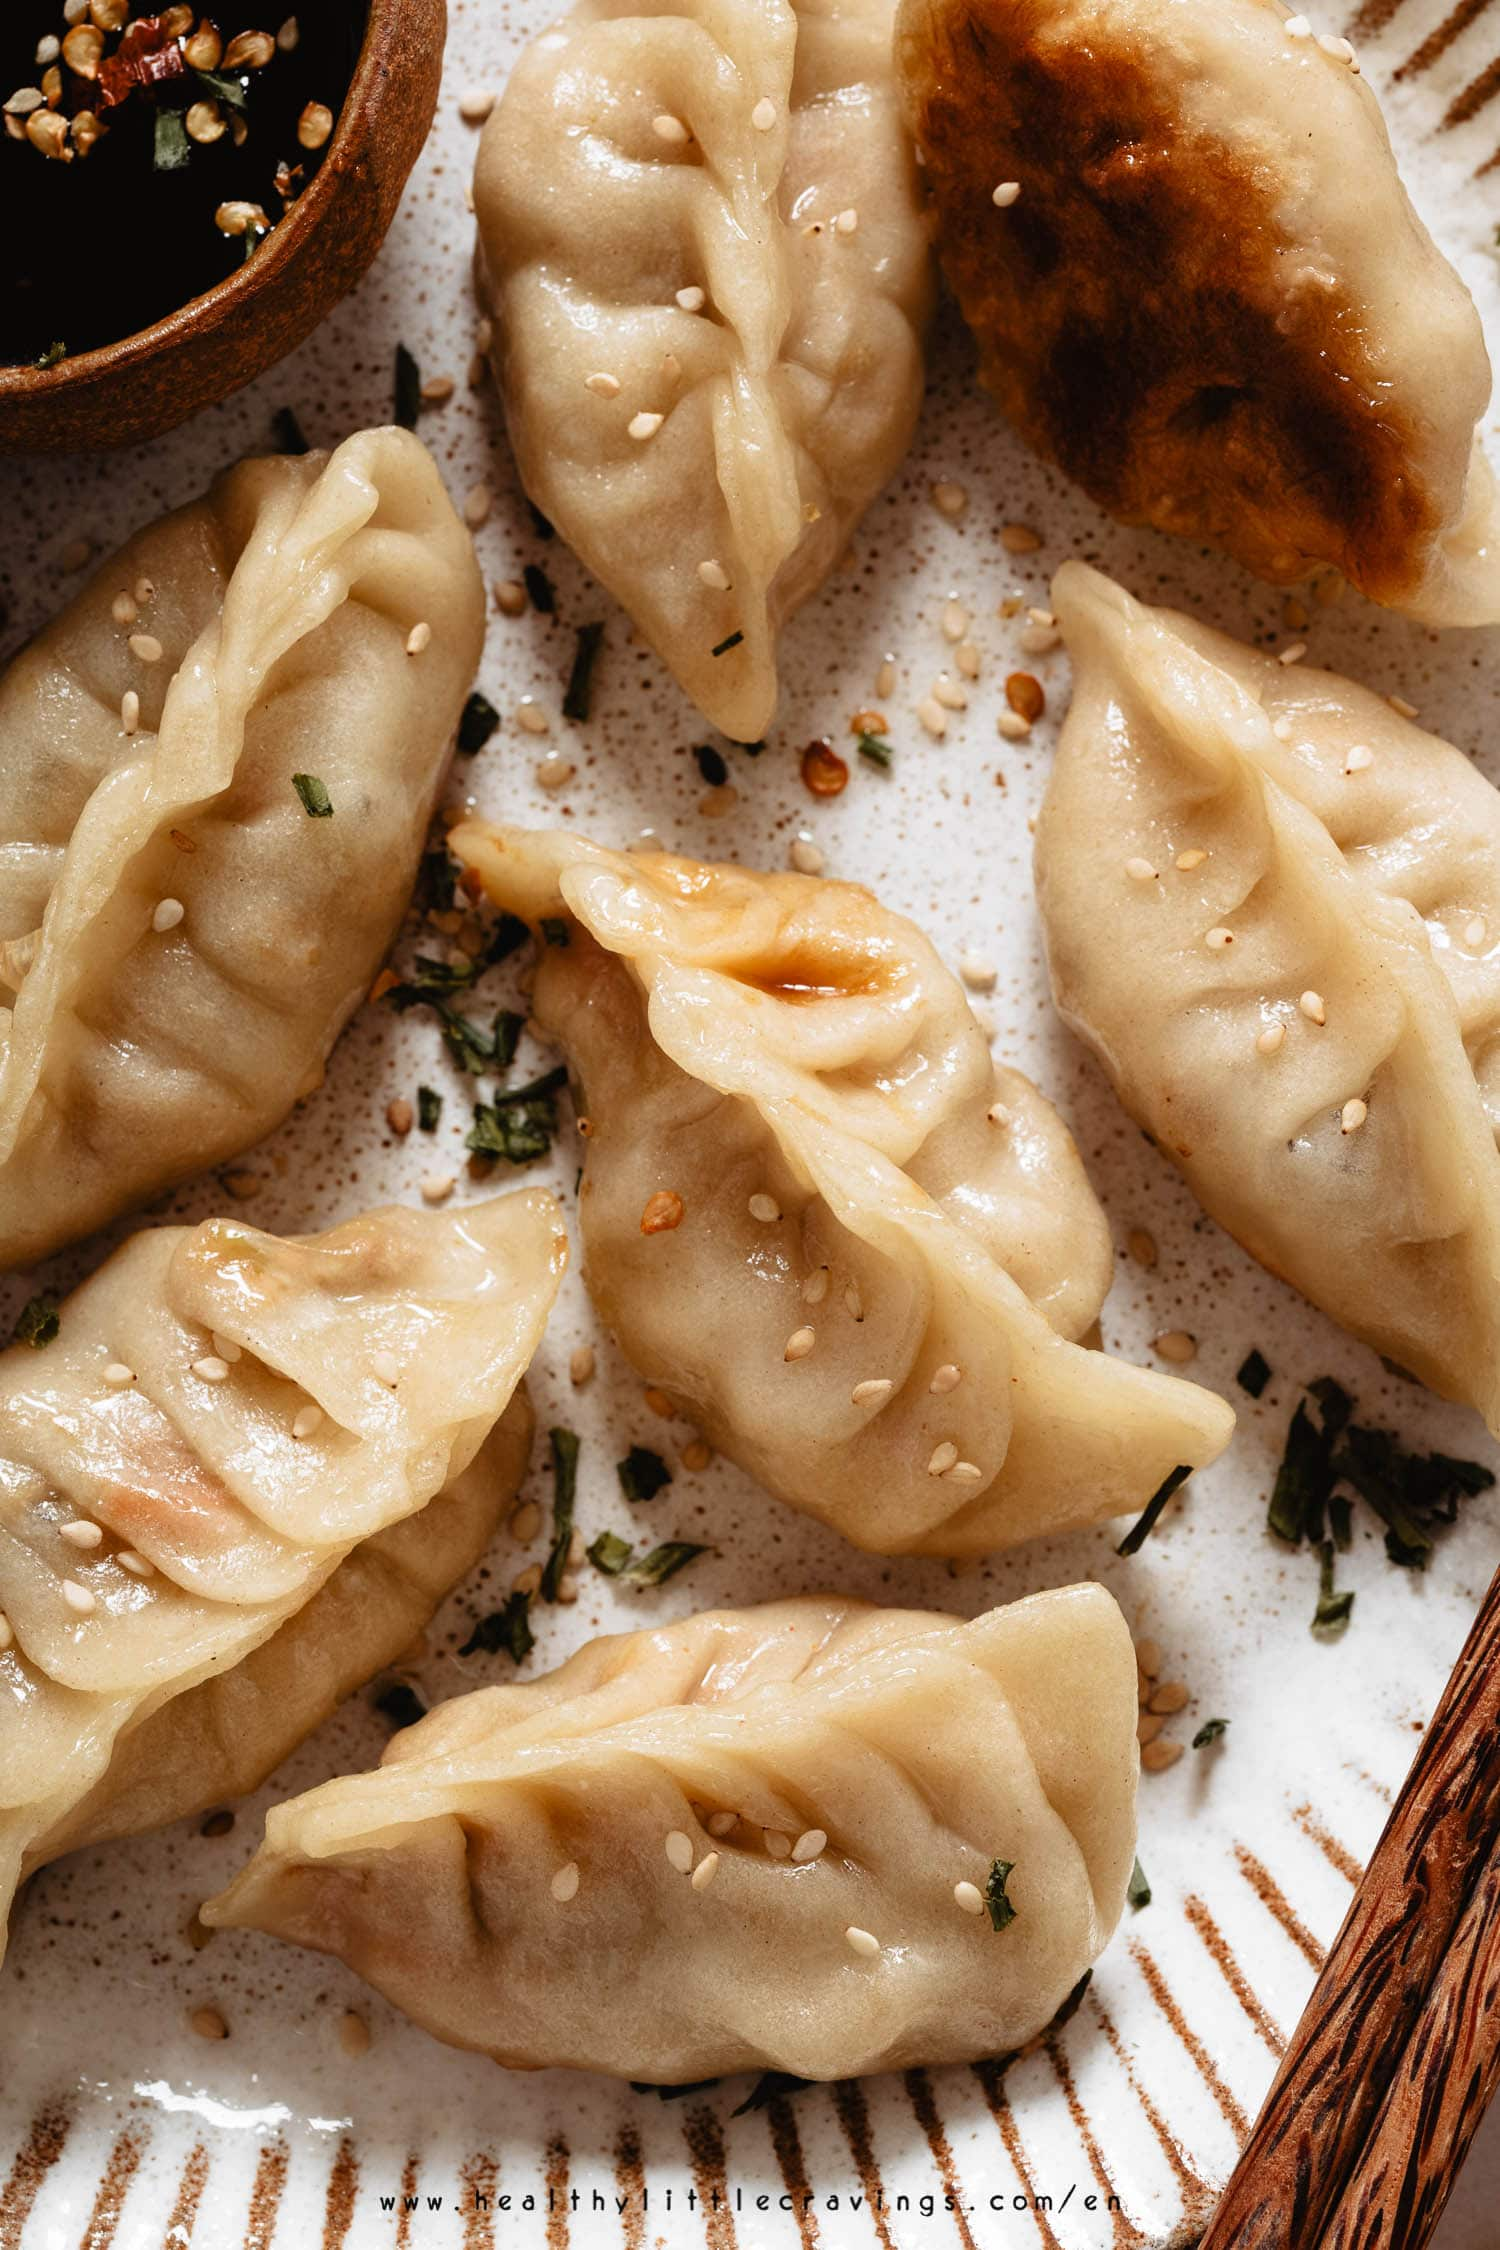 Macro photo of dumplings